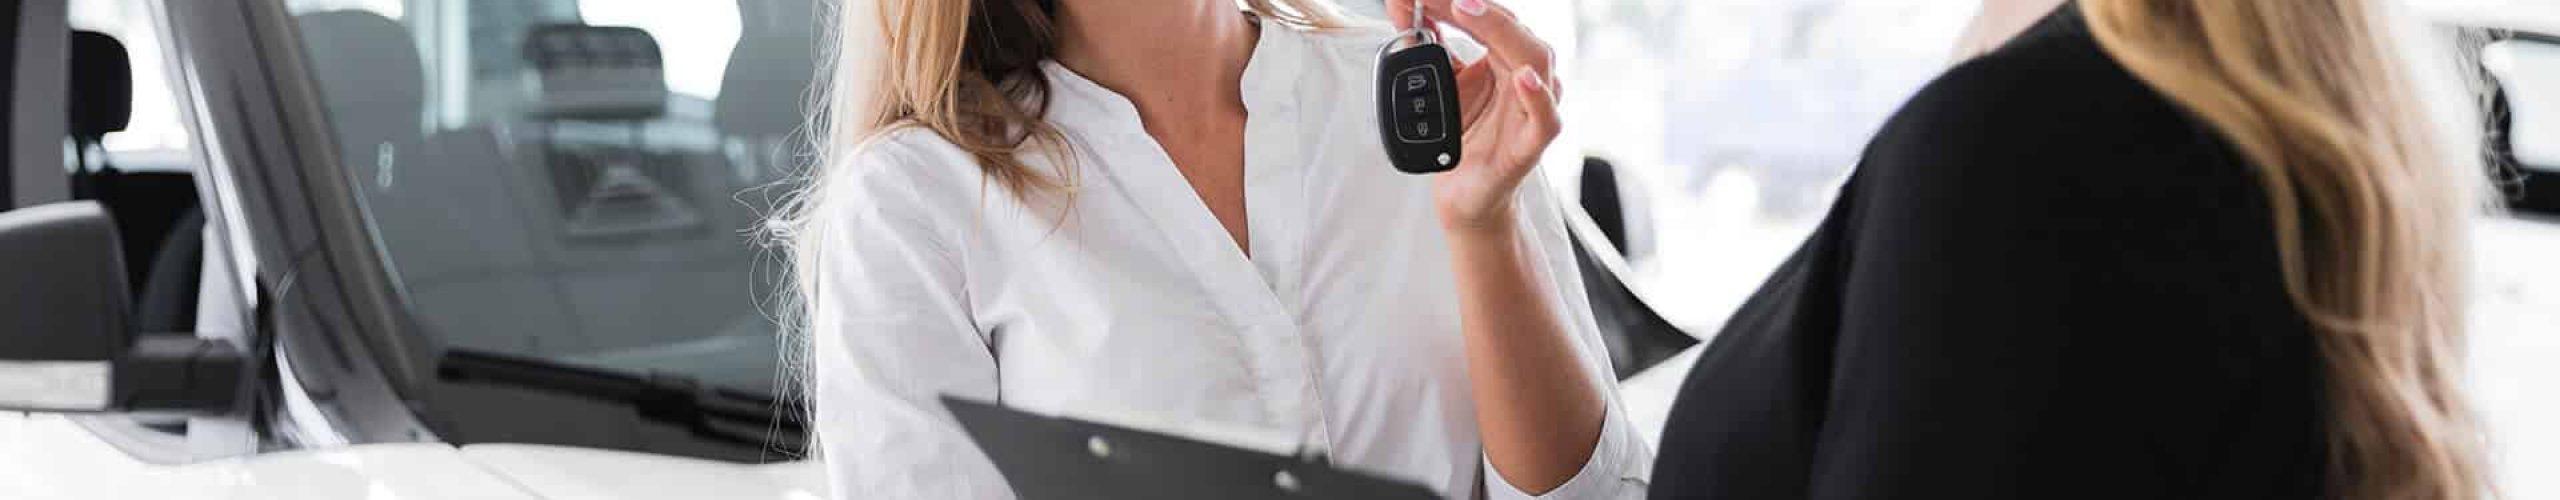 #comprando carro